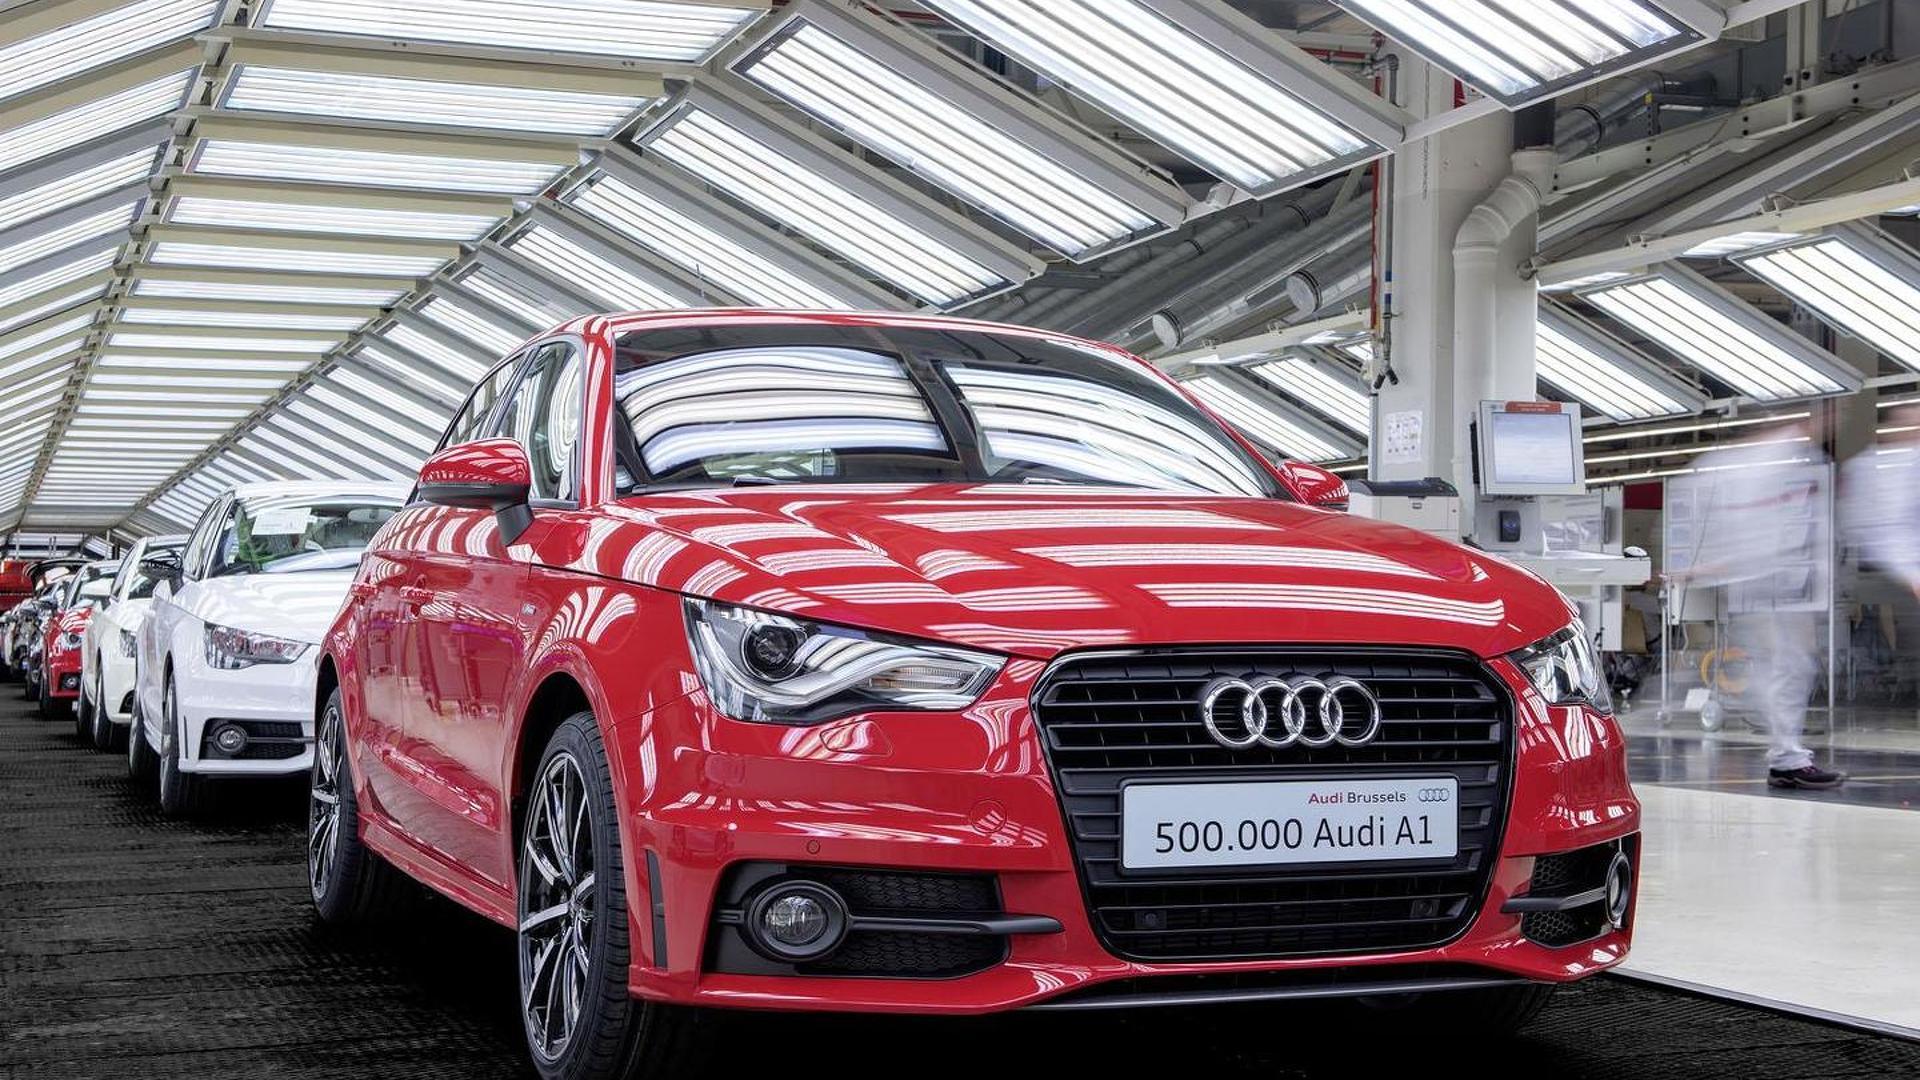 Фото | 500 000-я Audi A1. 2014 год